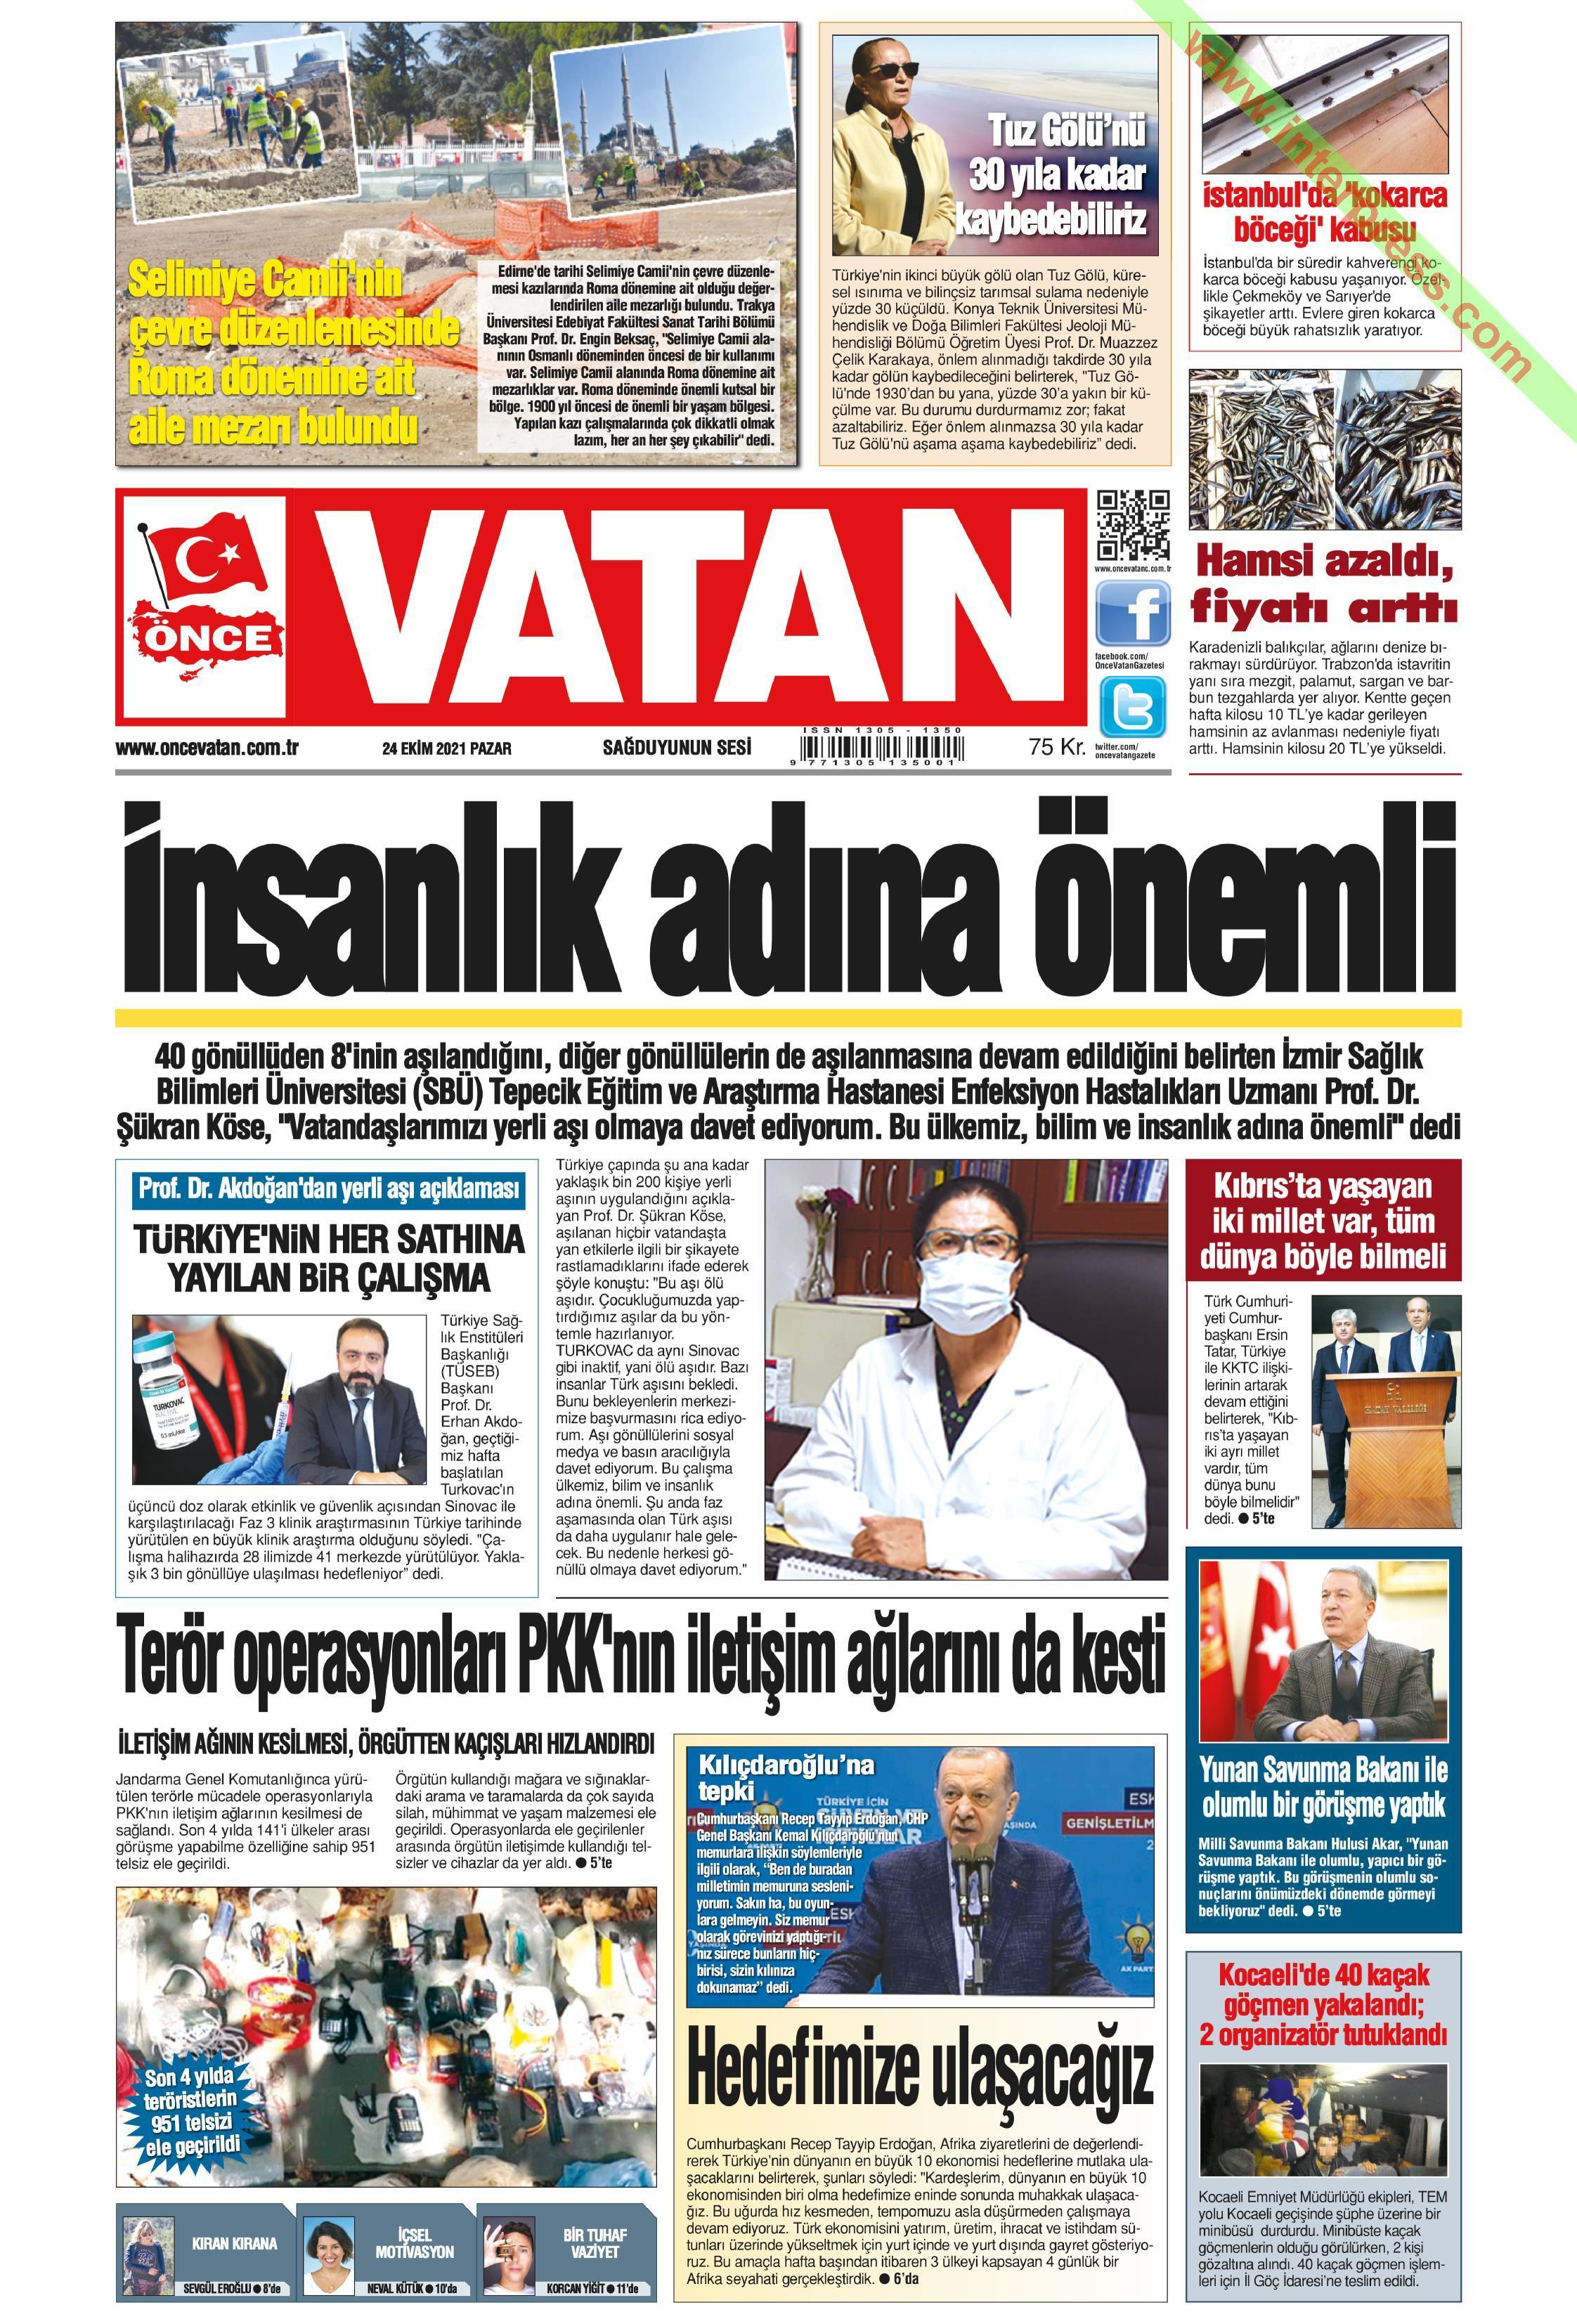 Önce Vatan gazetesi oku